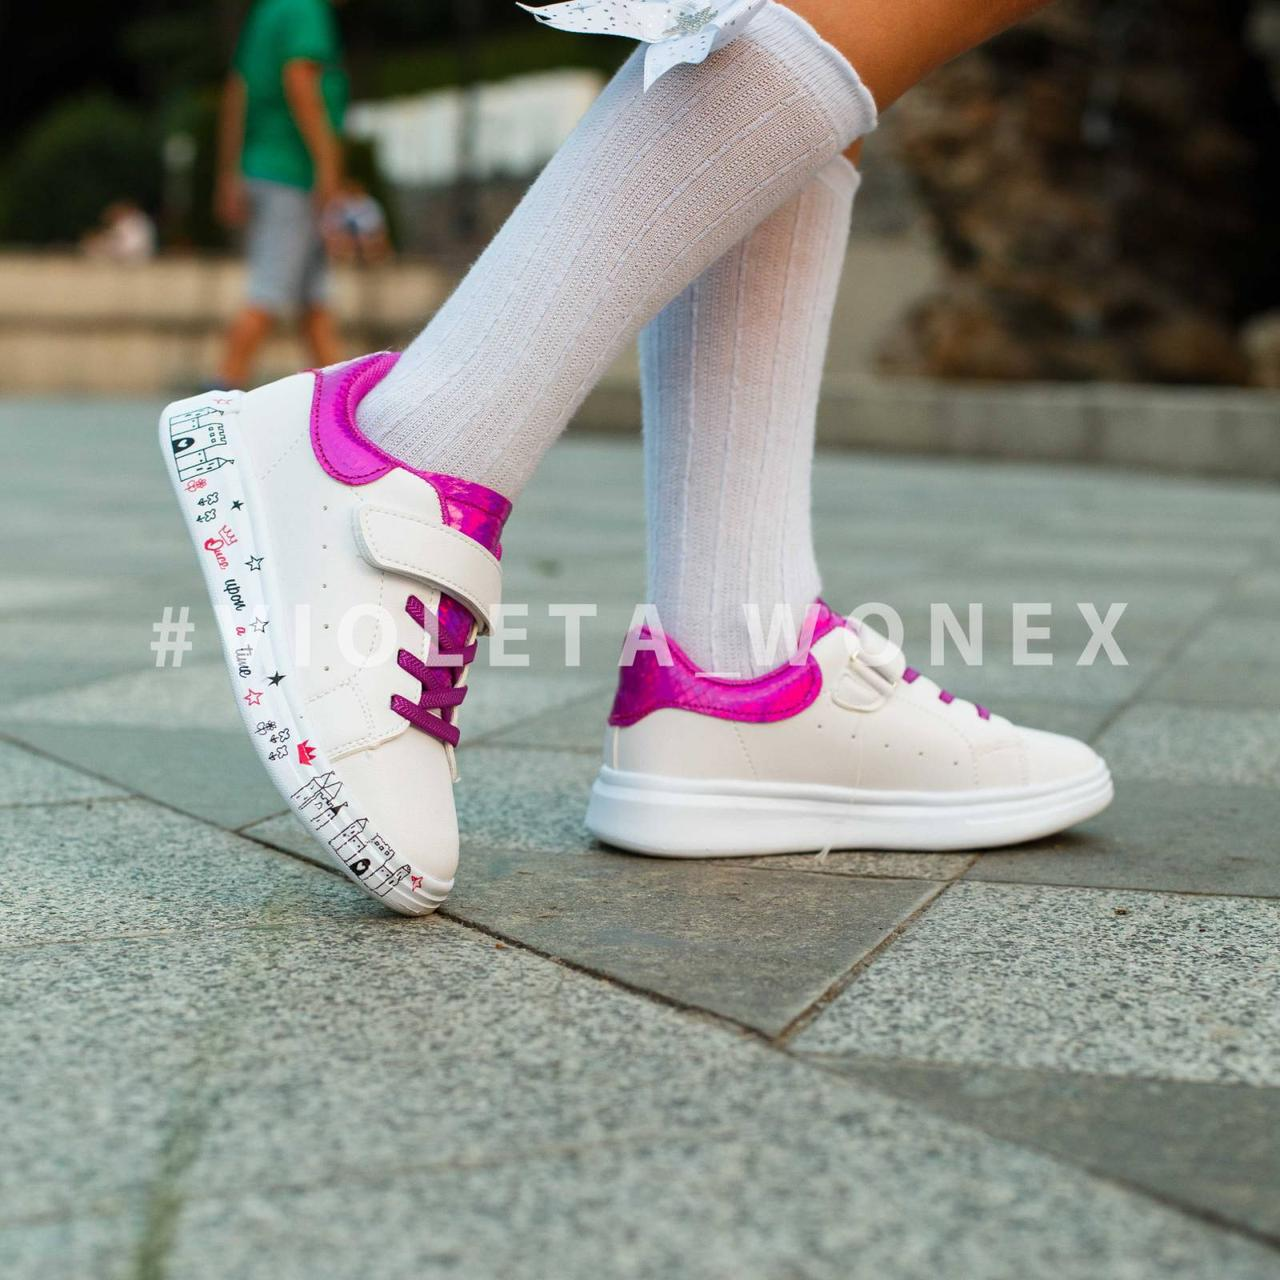 Кеды детские Violeta-Wonex 200-94 white-purple